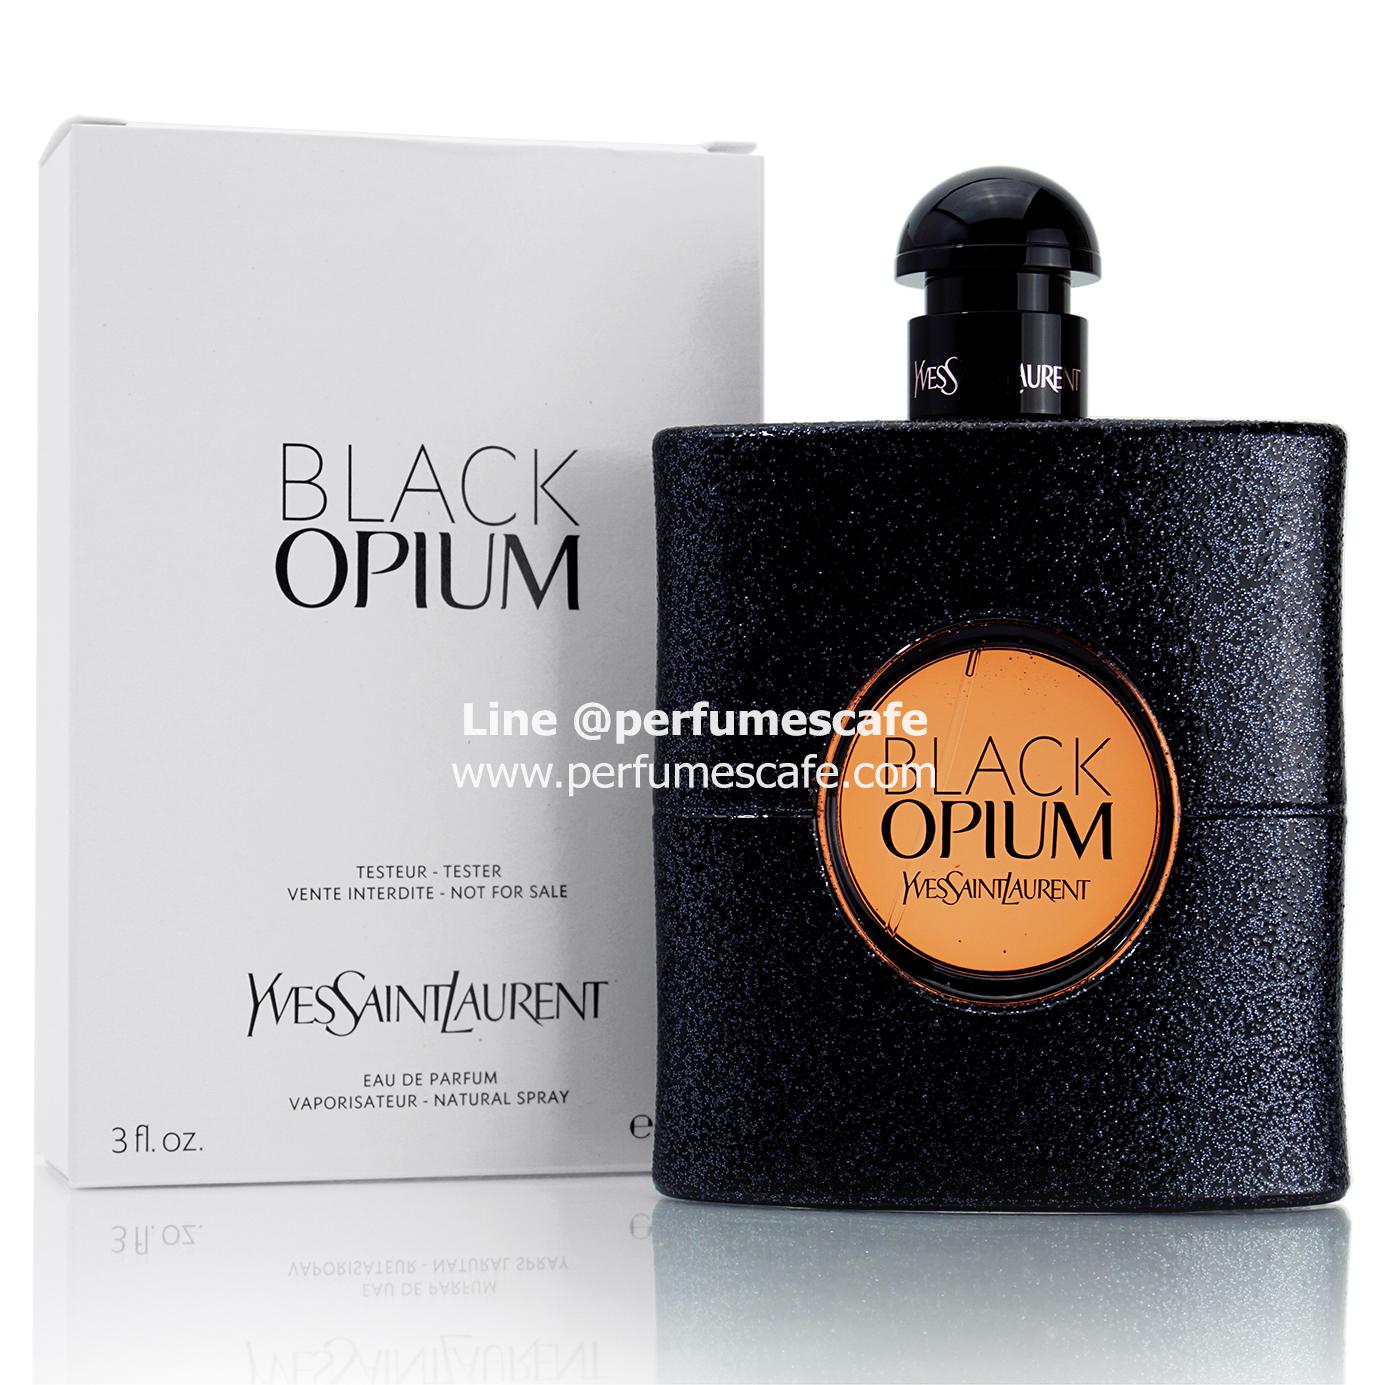 น้ำหอม Yves Saint Laurent Black Opium EDP ขนาด 90ml กล่องเทสเตอร์